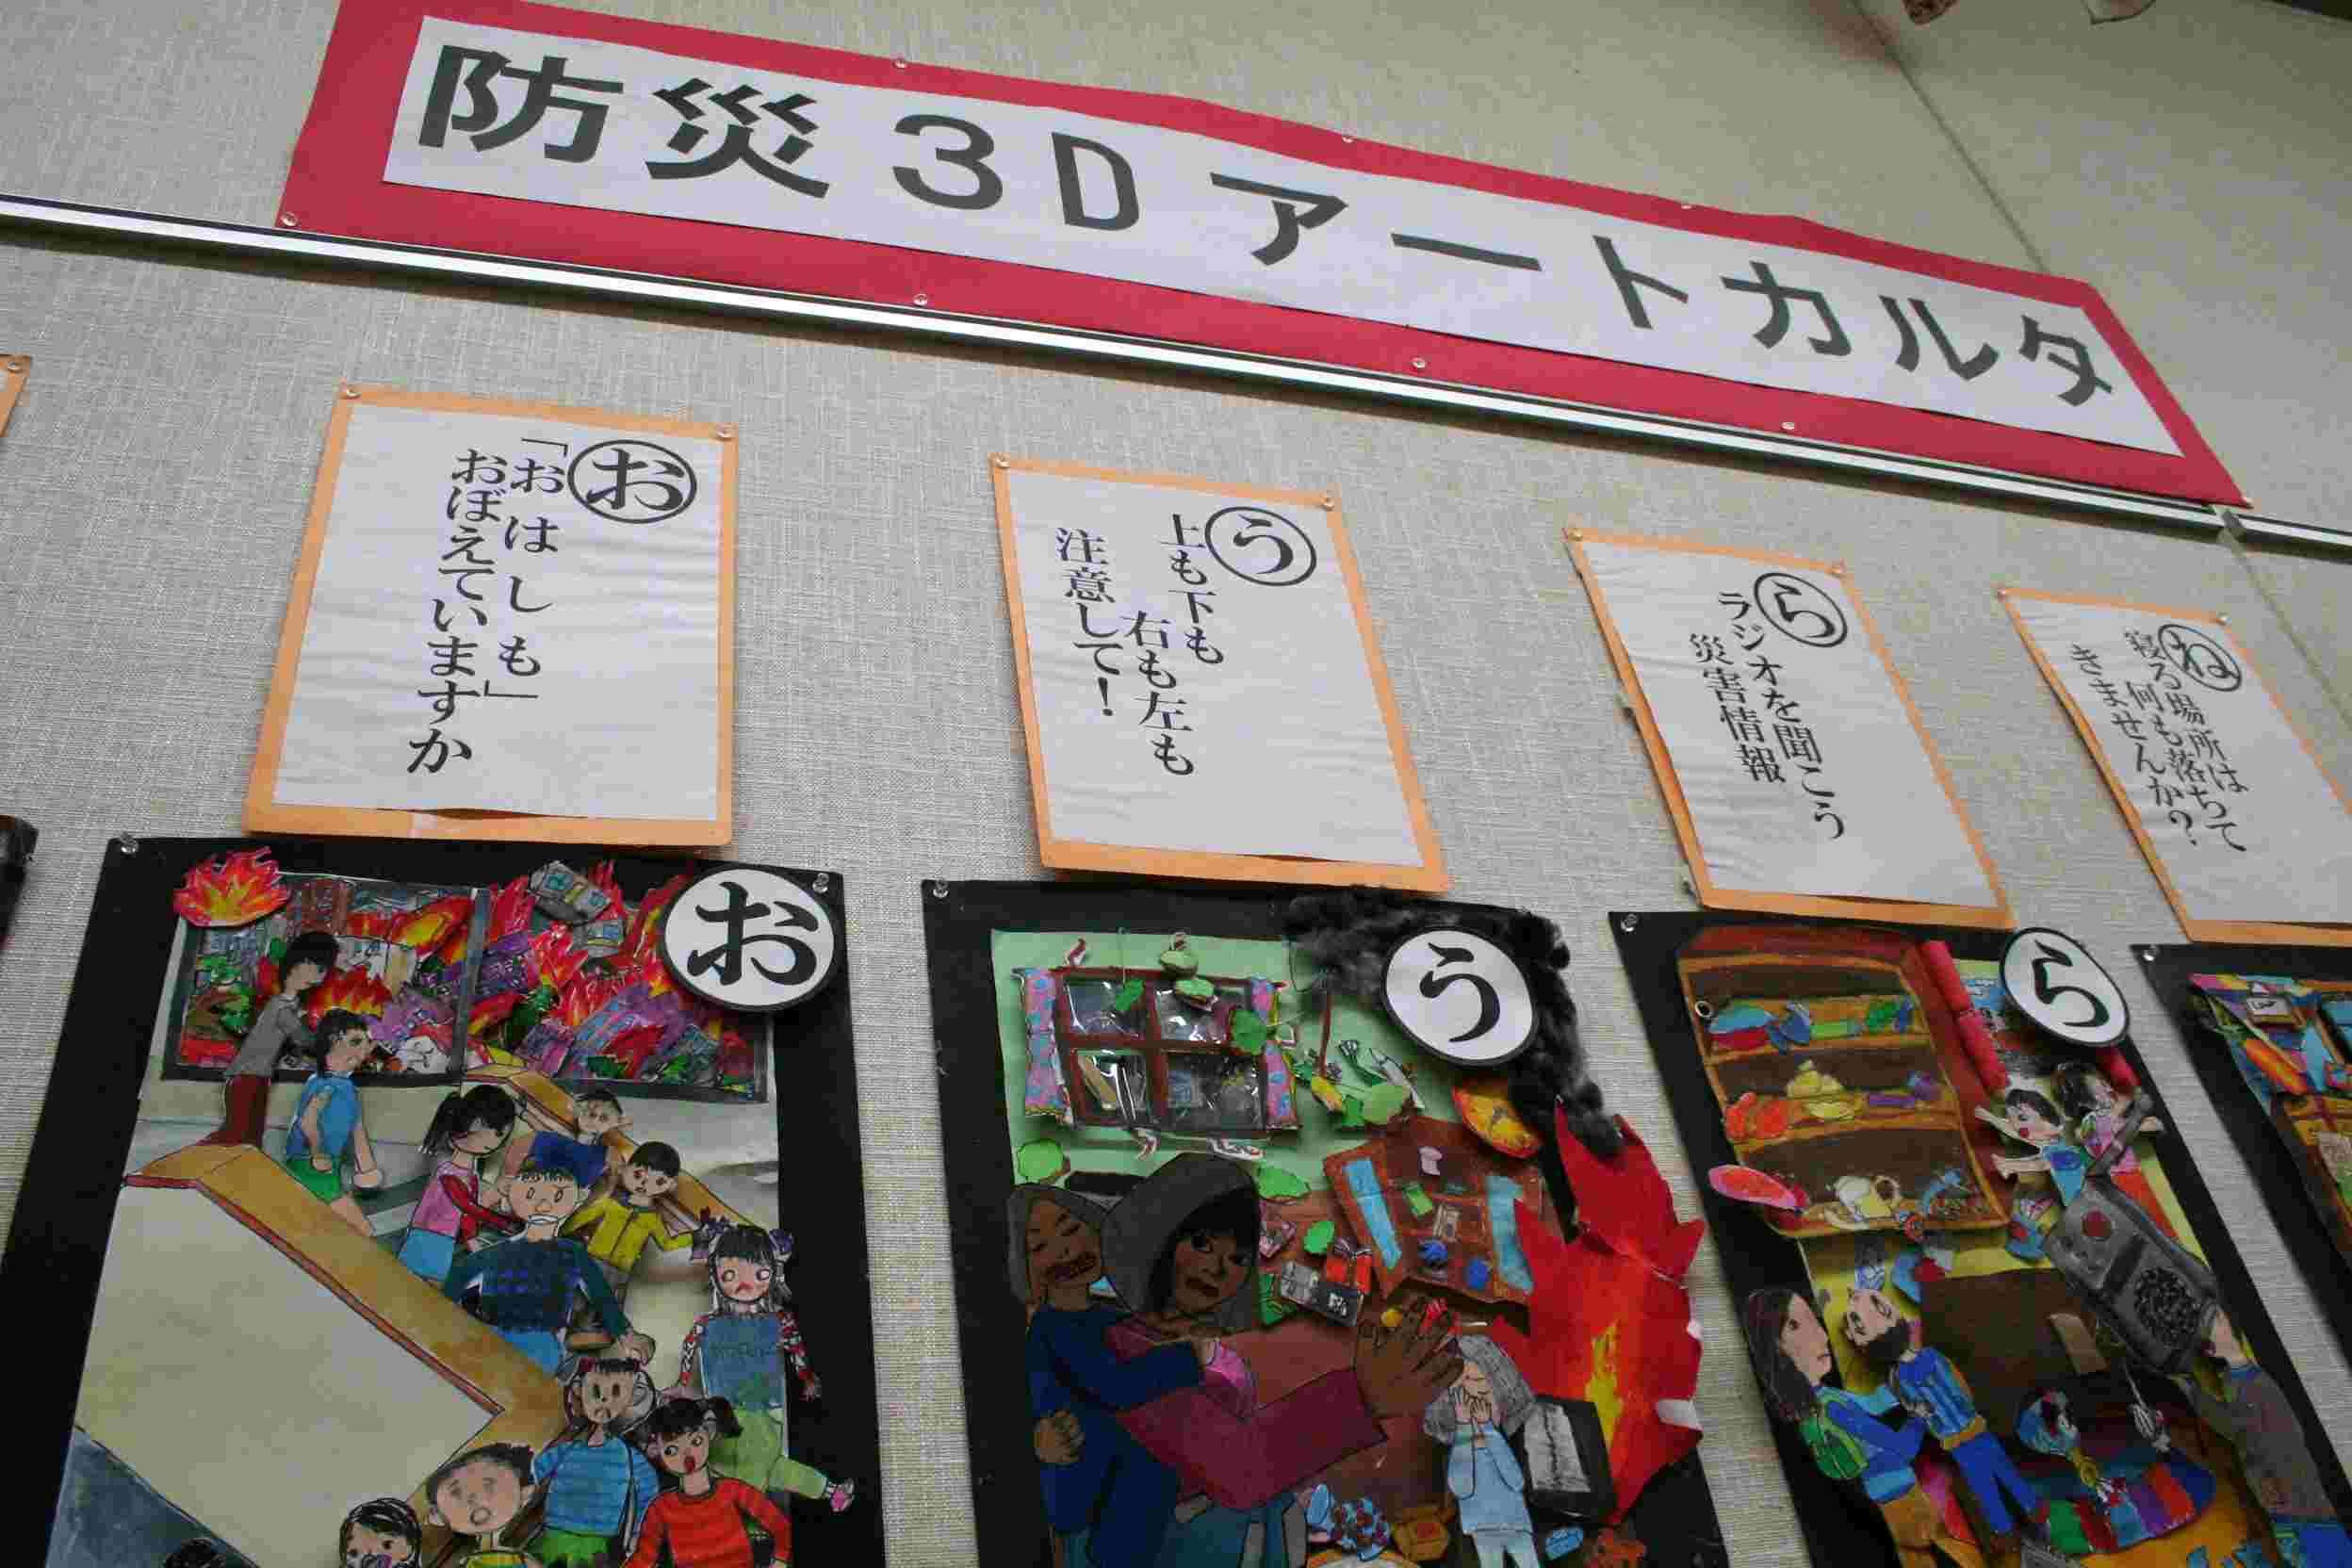 アトリエ太陽の子 の展覧会 神戸_e0167771_18225739.jpg